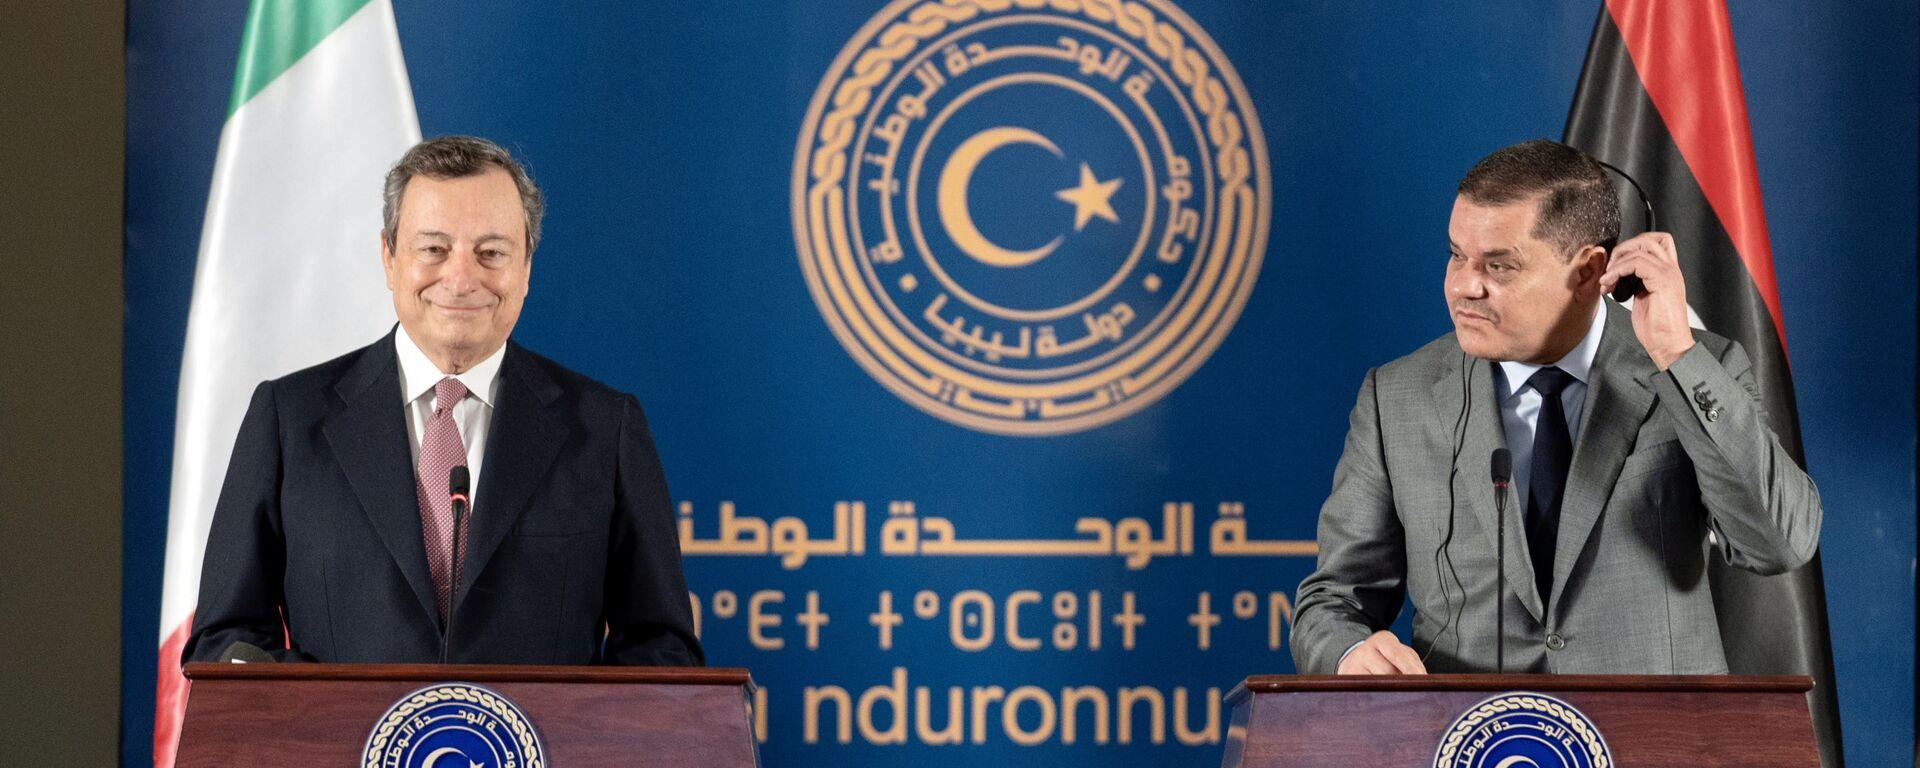 Le dichiarazioni congiunte del Presidente del Consiglio, Mario Draghi, e del Primo Ministro Abdelhamid Dabaiba, al termine del loro incontro - Sputnik Italia, 1920, 31.05.2021